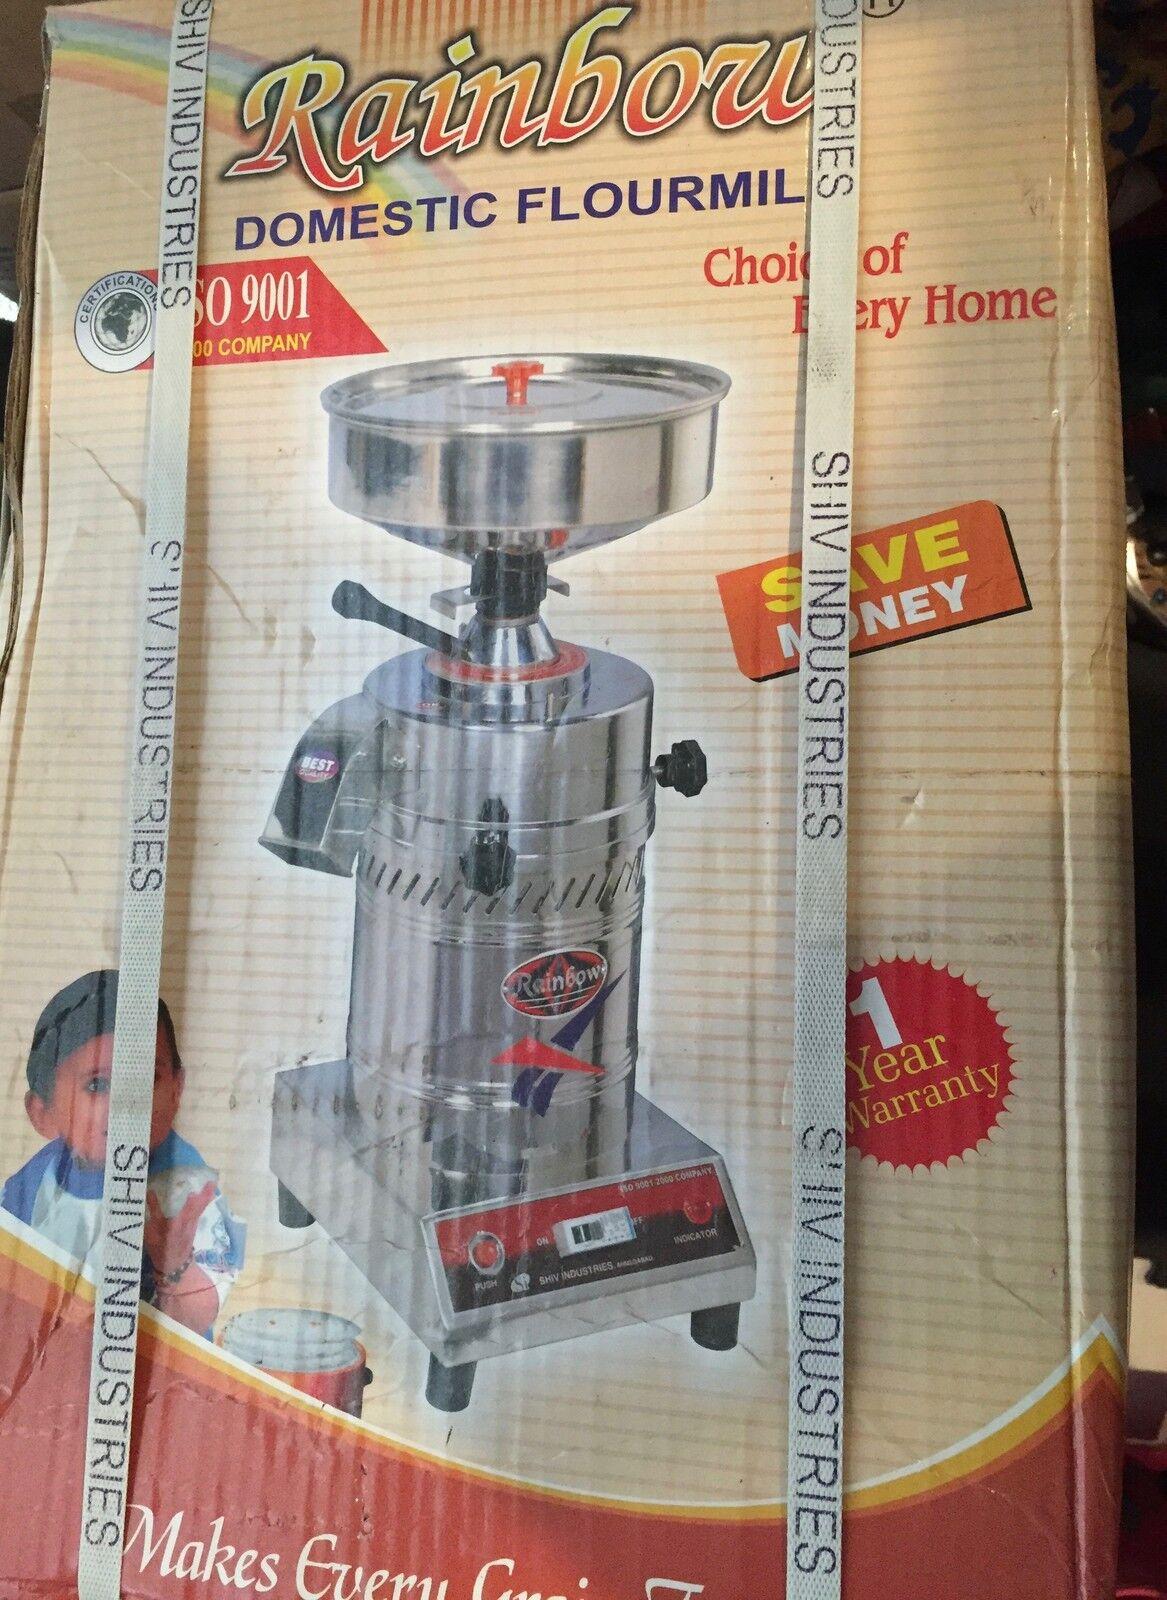 Domestic Flour Mill, Gharelu Atta chukka make your own multi grain flour RAINBOW